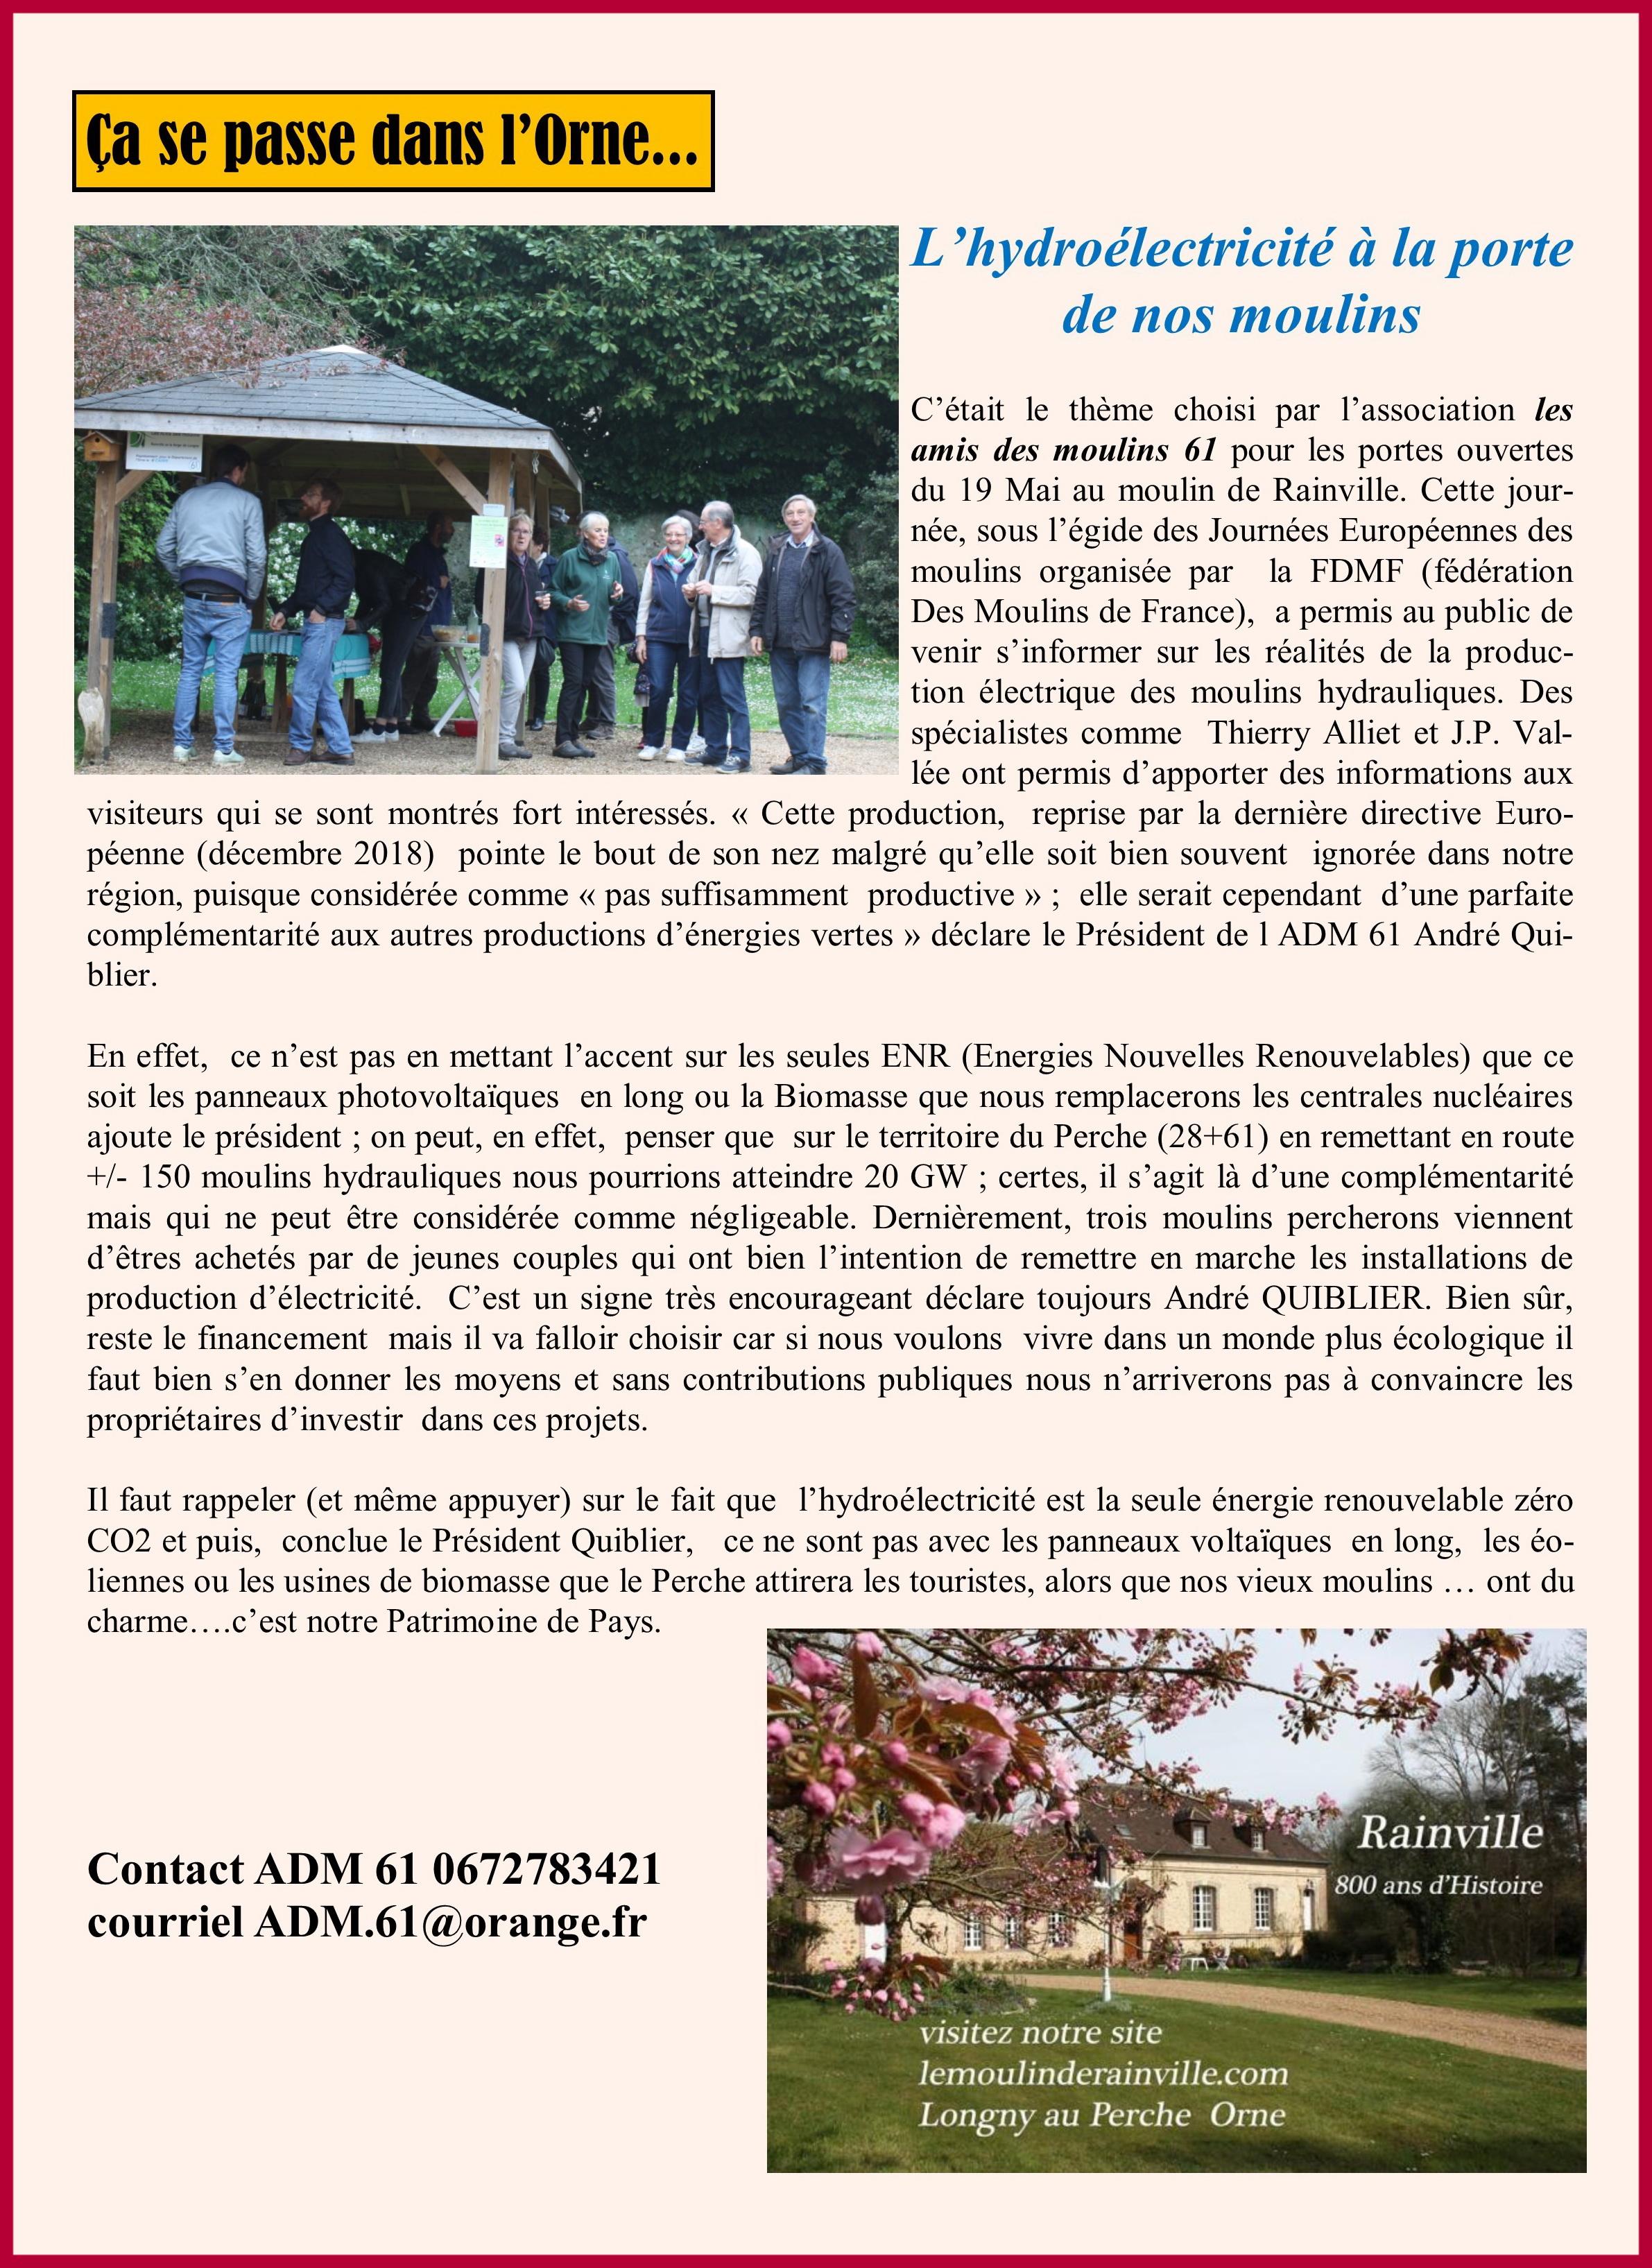 Rencontre Hydroélectricité dans l'Orne